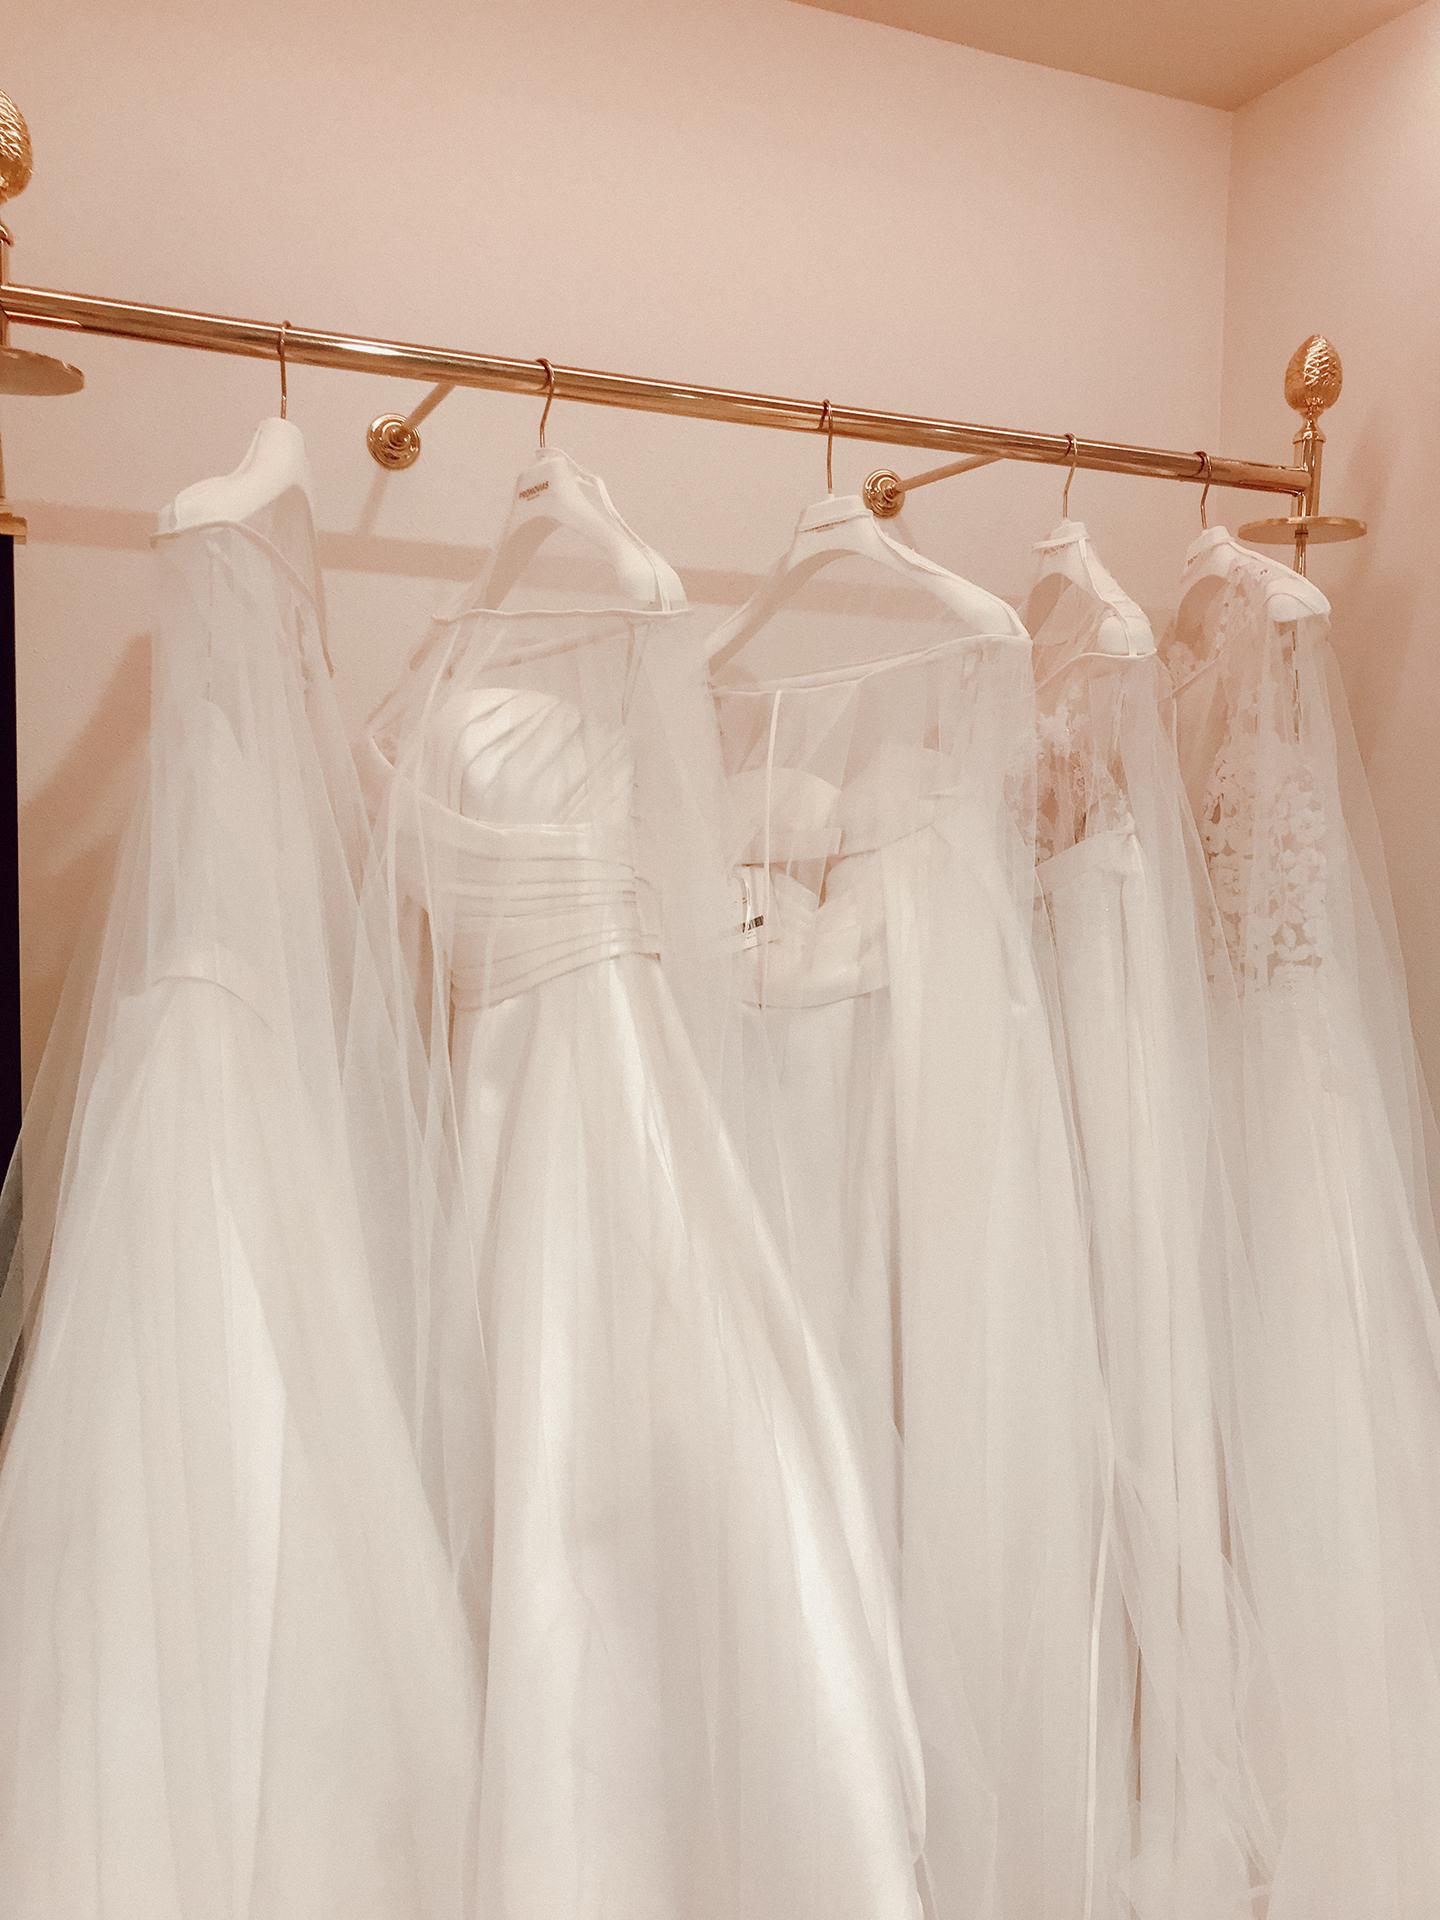 comment-choisir-sa-robe-de-mariee-2